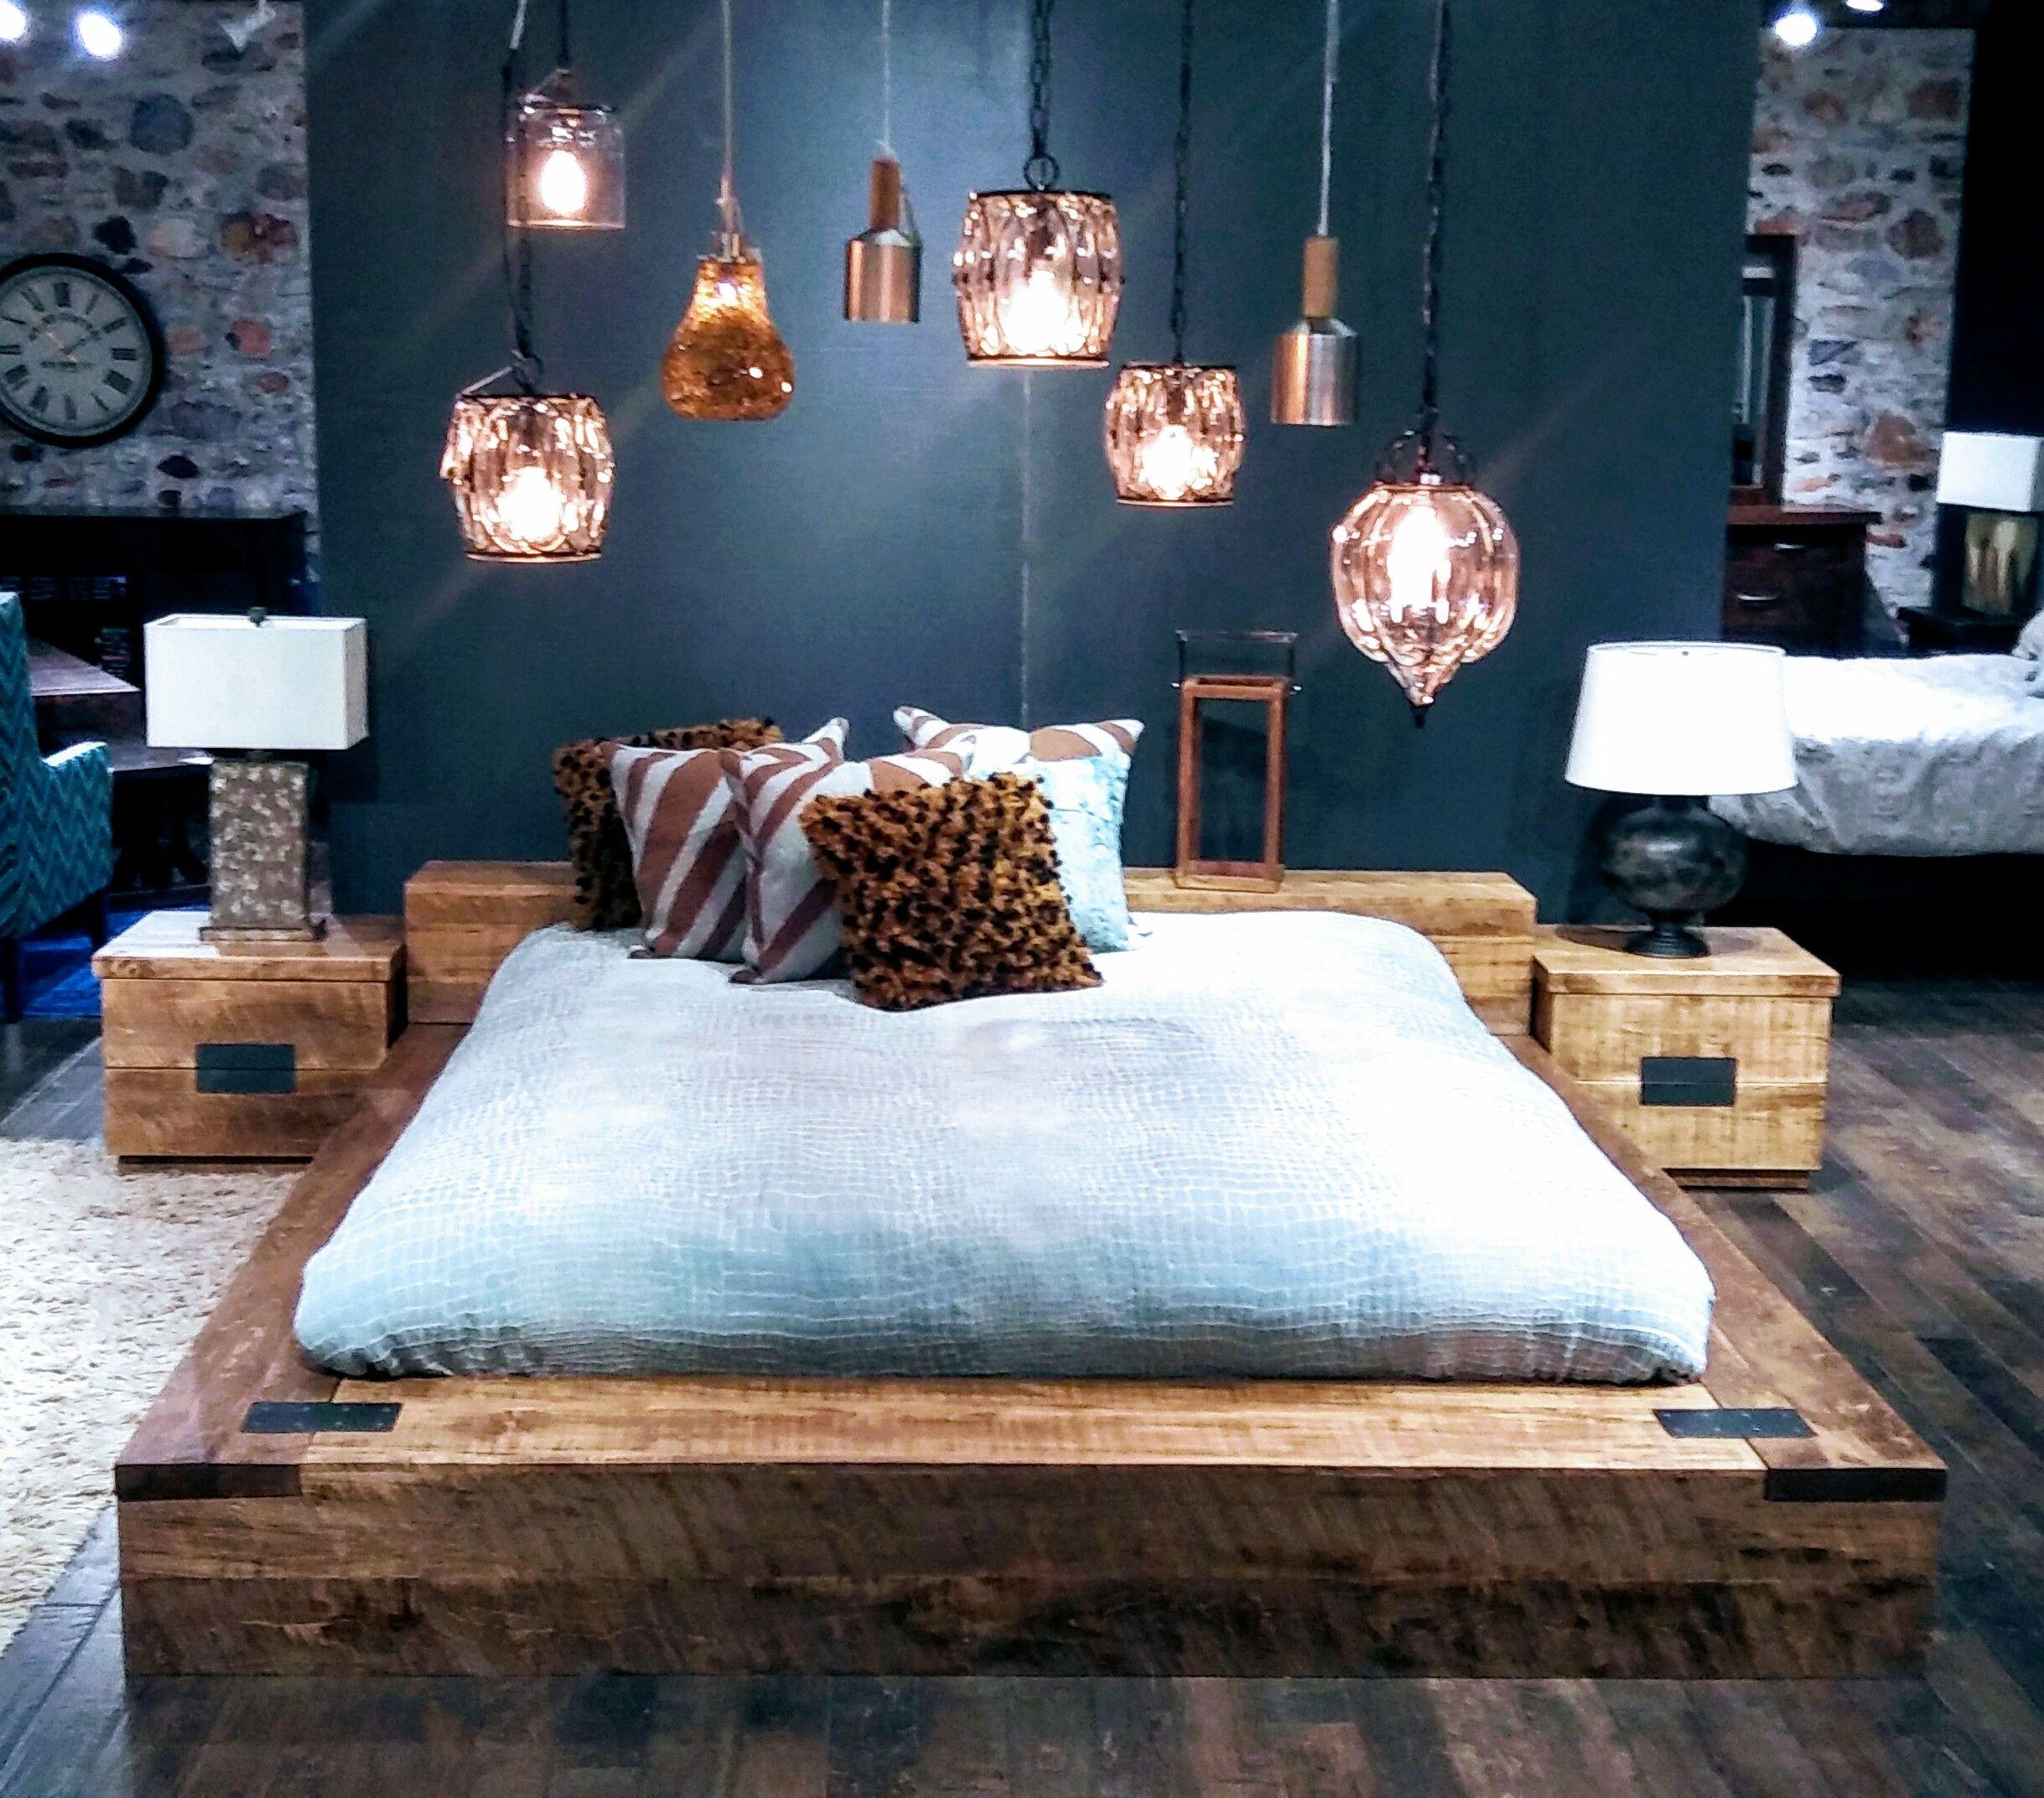 Epingle Par Jc Perreault Sur Chambre A Coucher Mobilier De Salon Decoration Maison Chambre A Coucher